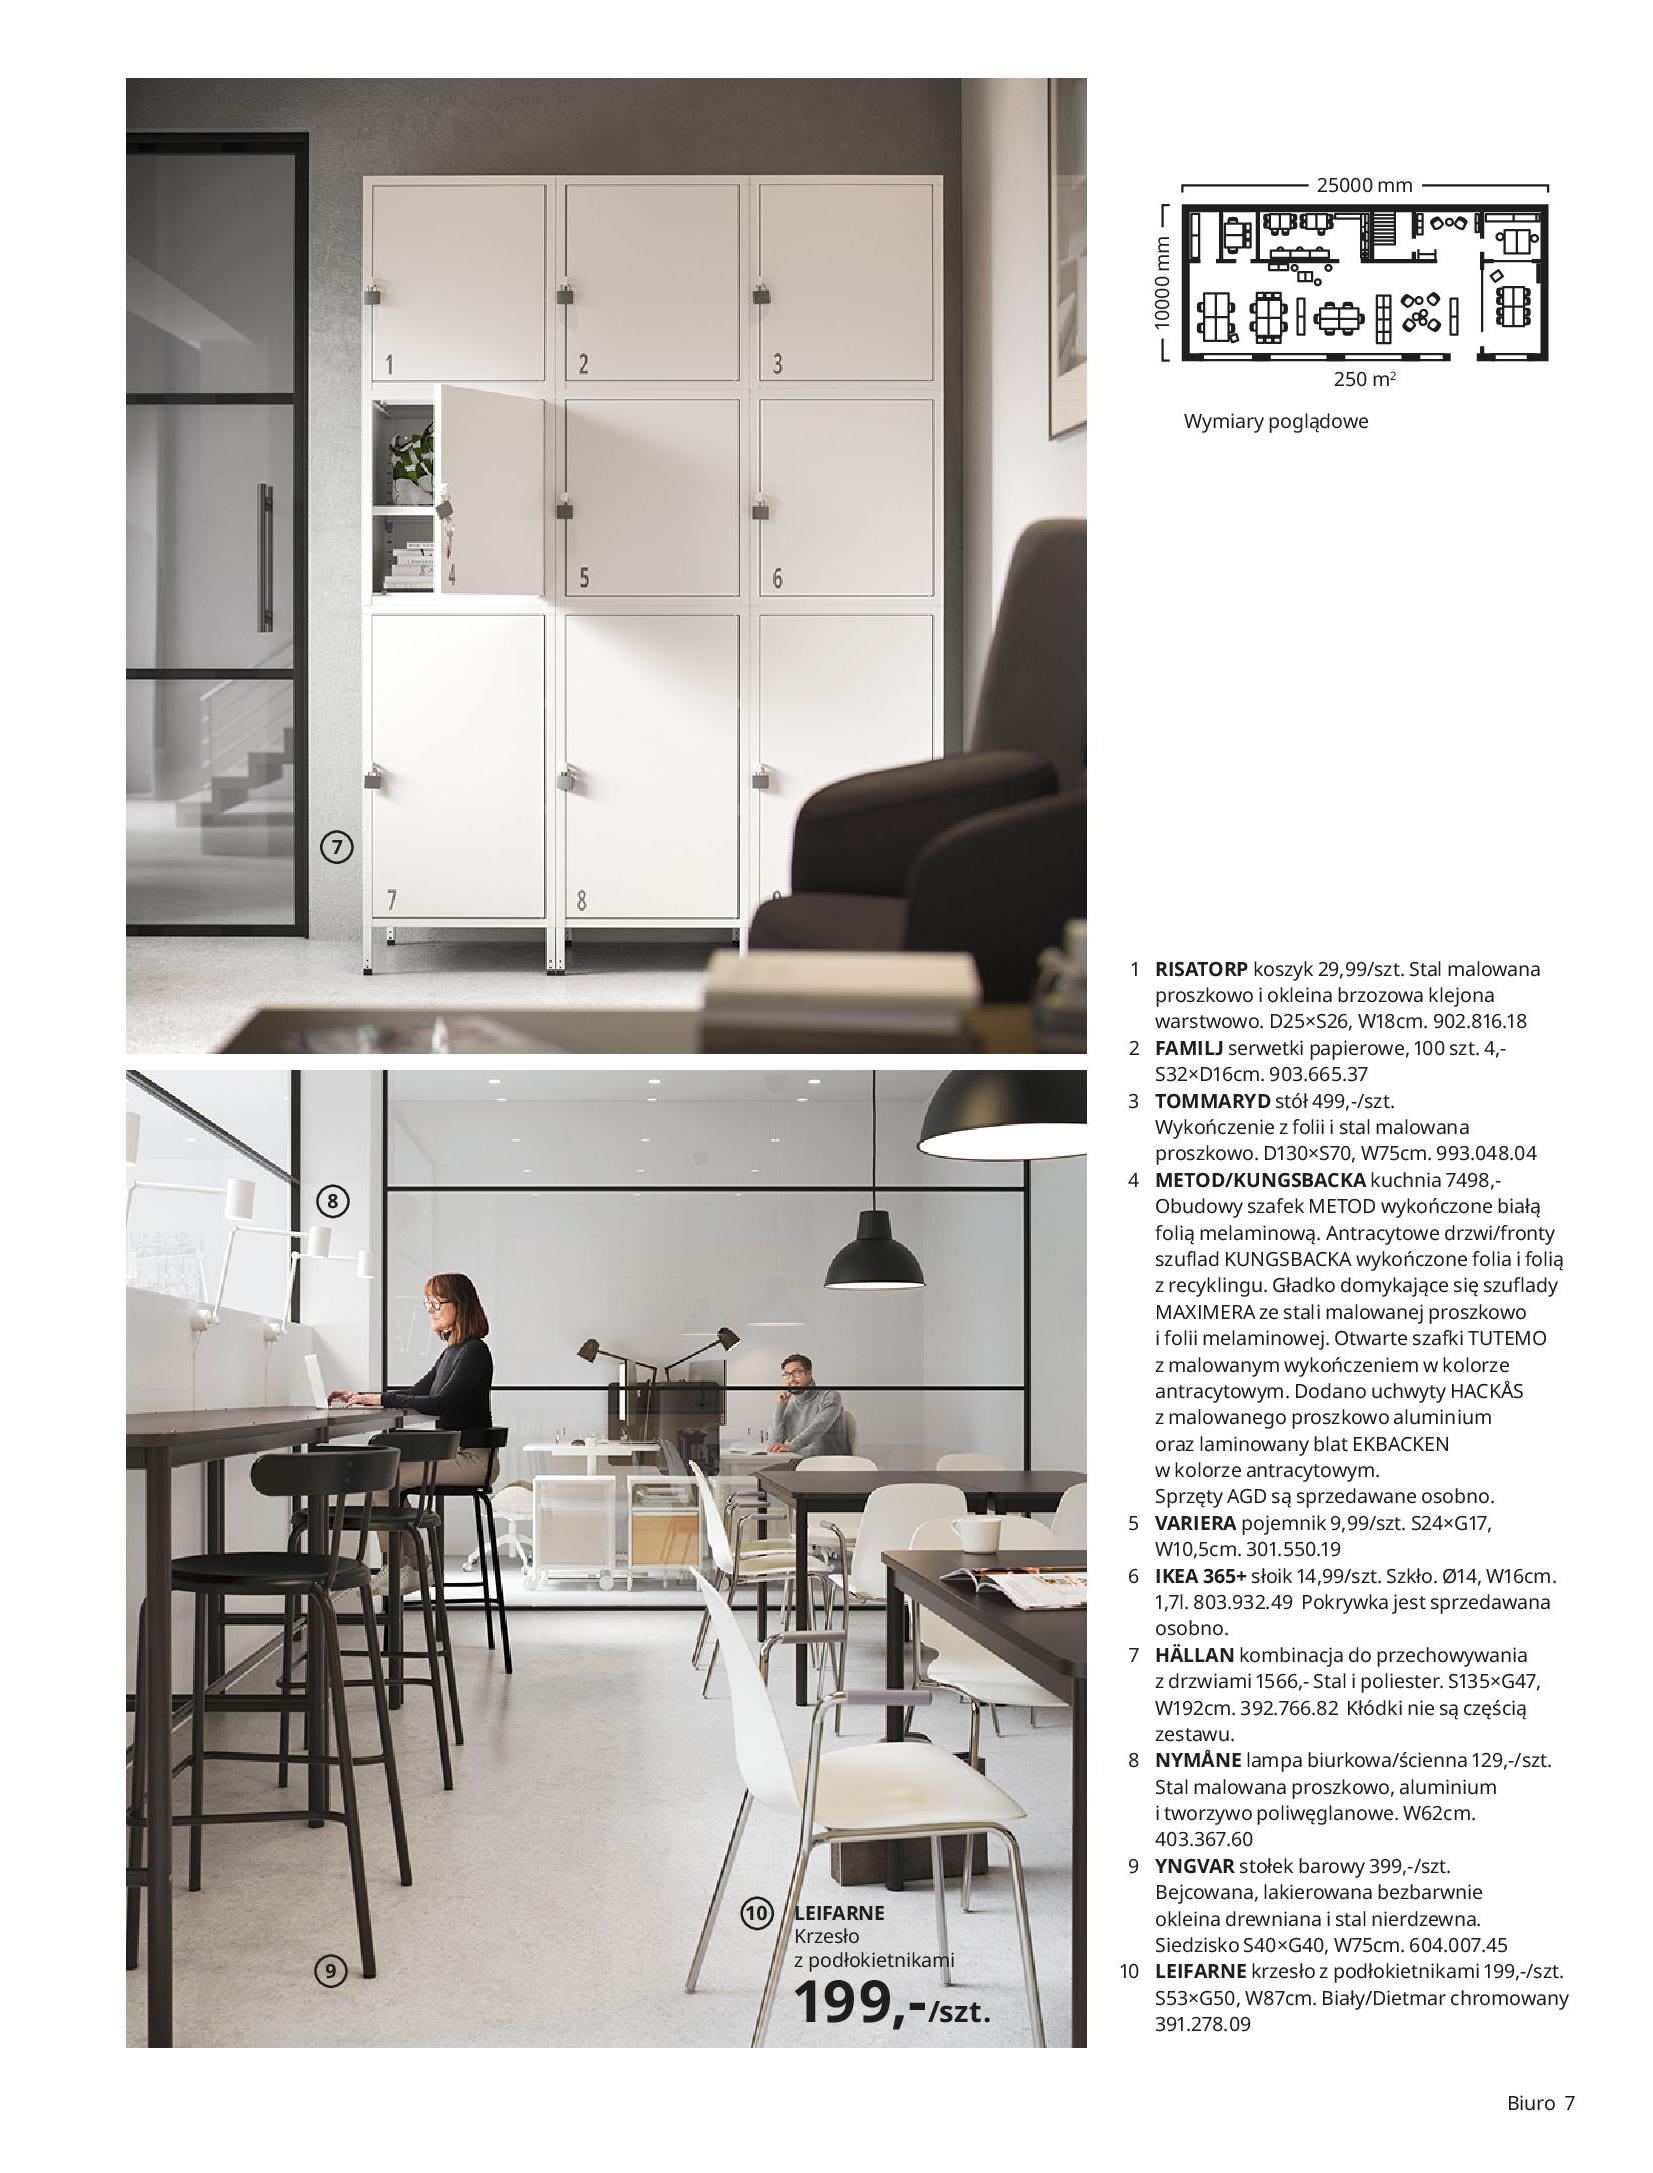 Gazetka IKEA: IKEA dla Firm 2021 2021-01-13 page-7